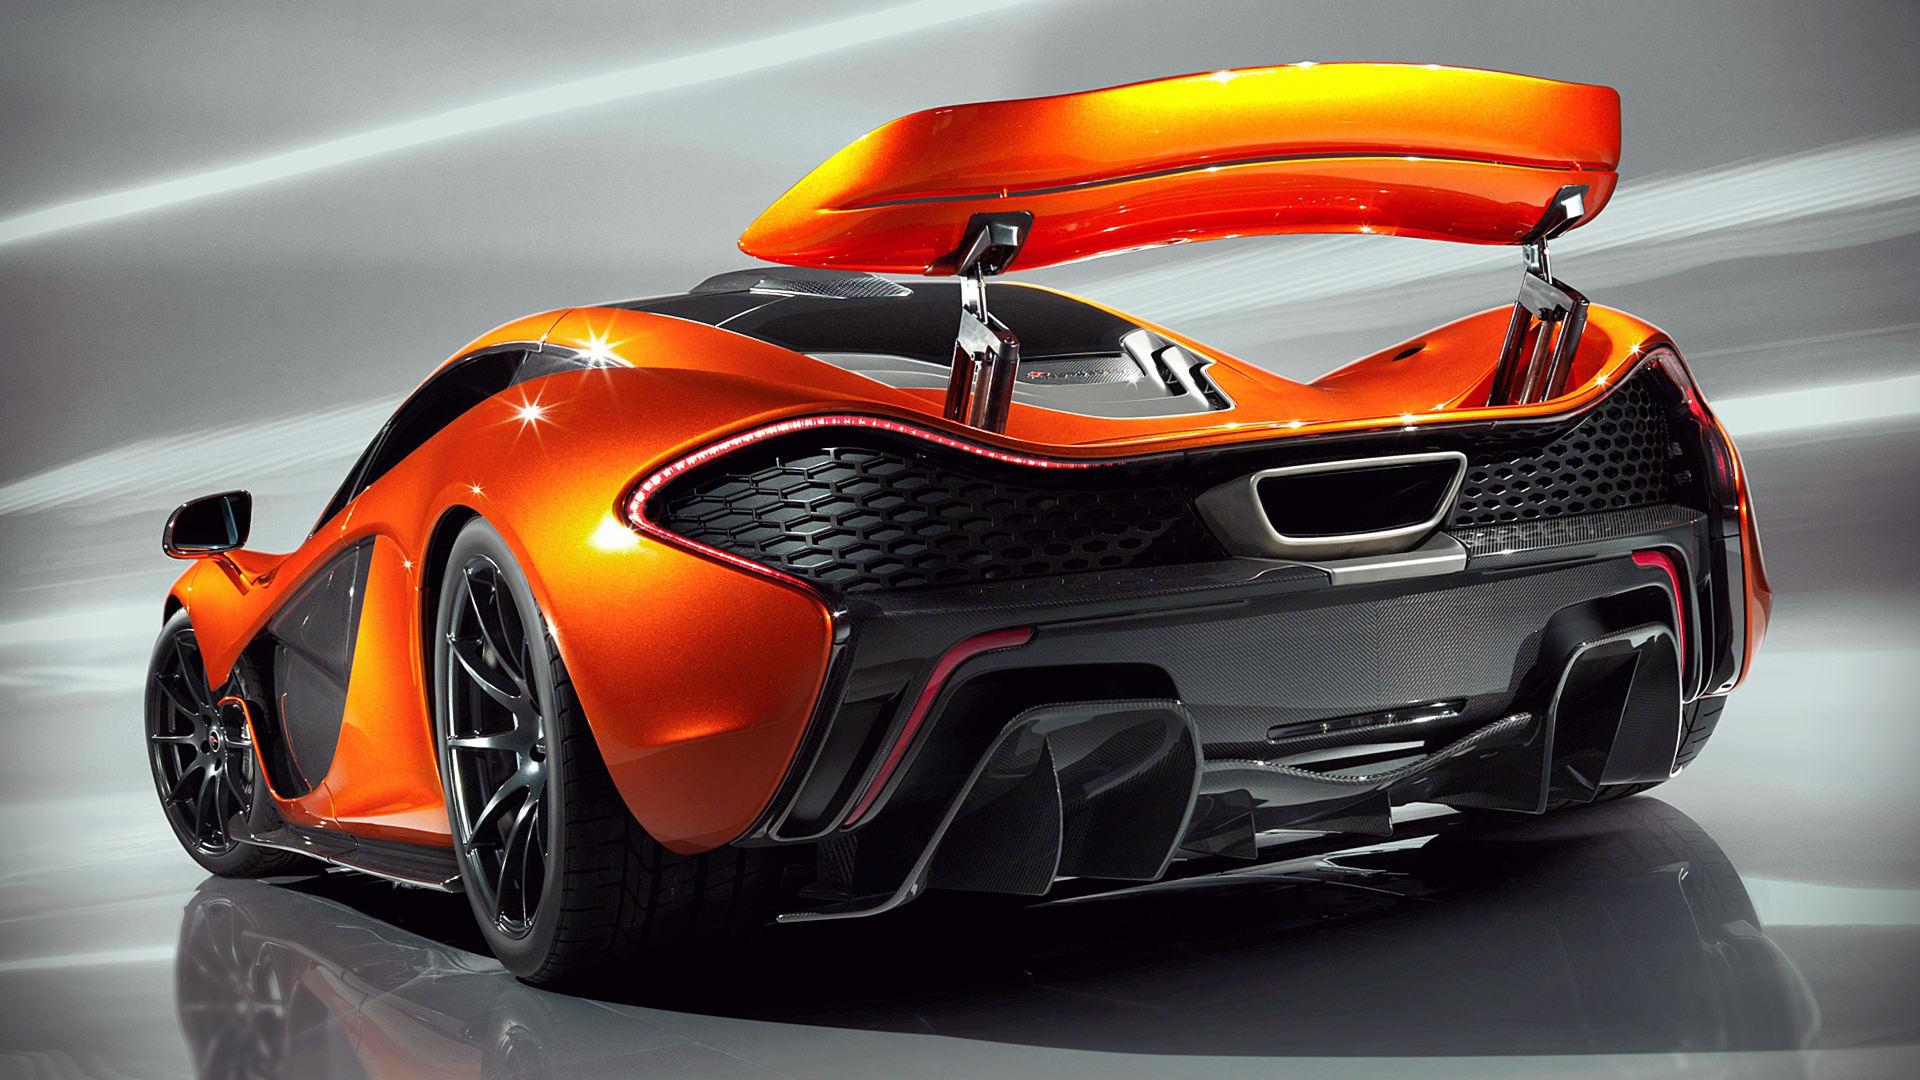 McLaren P1 Concept 2012